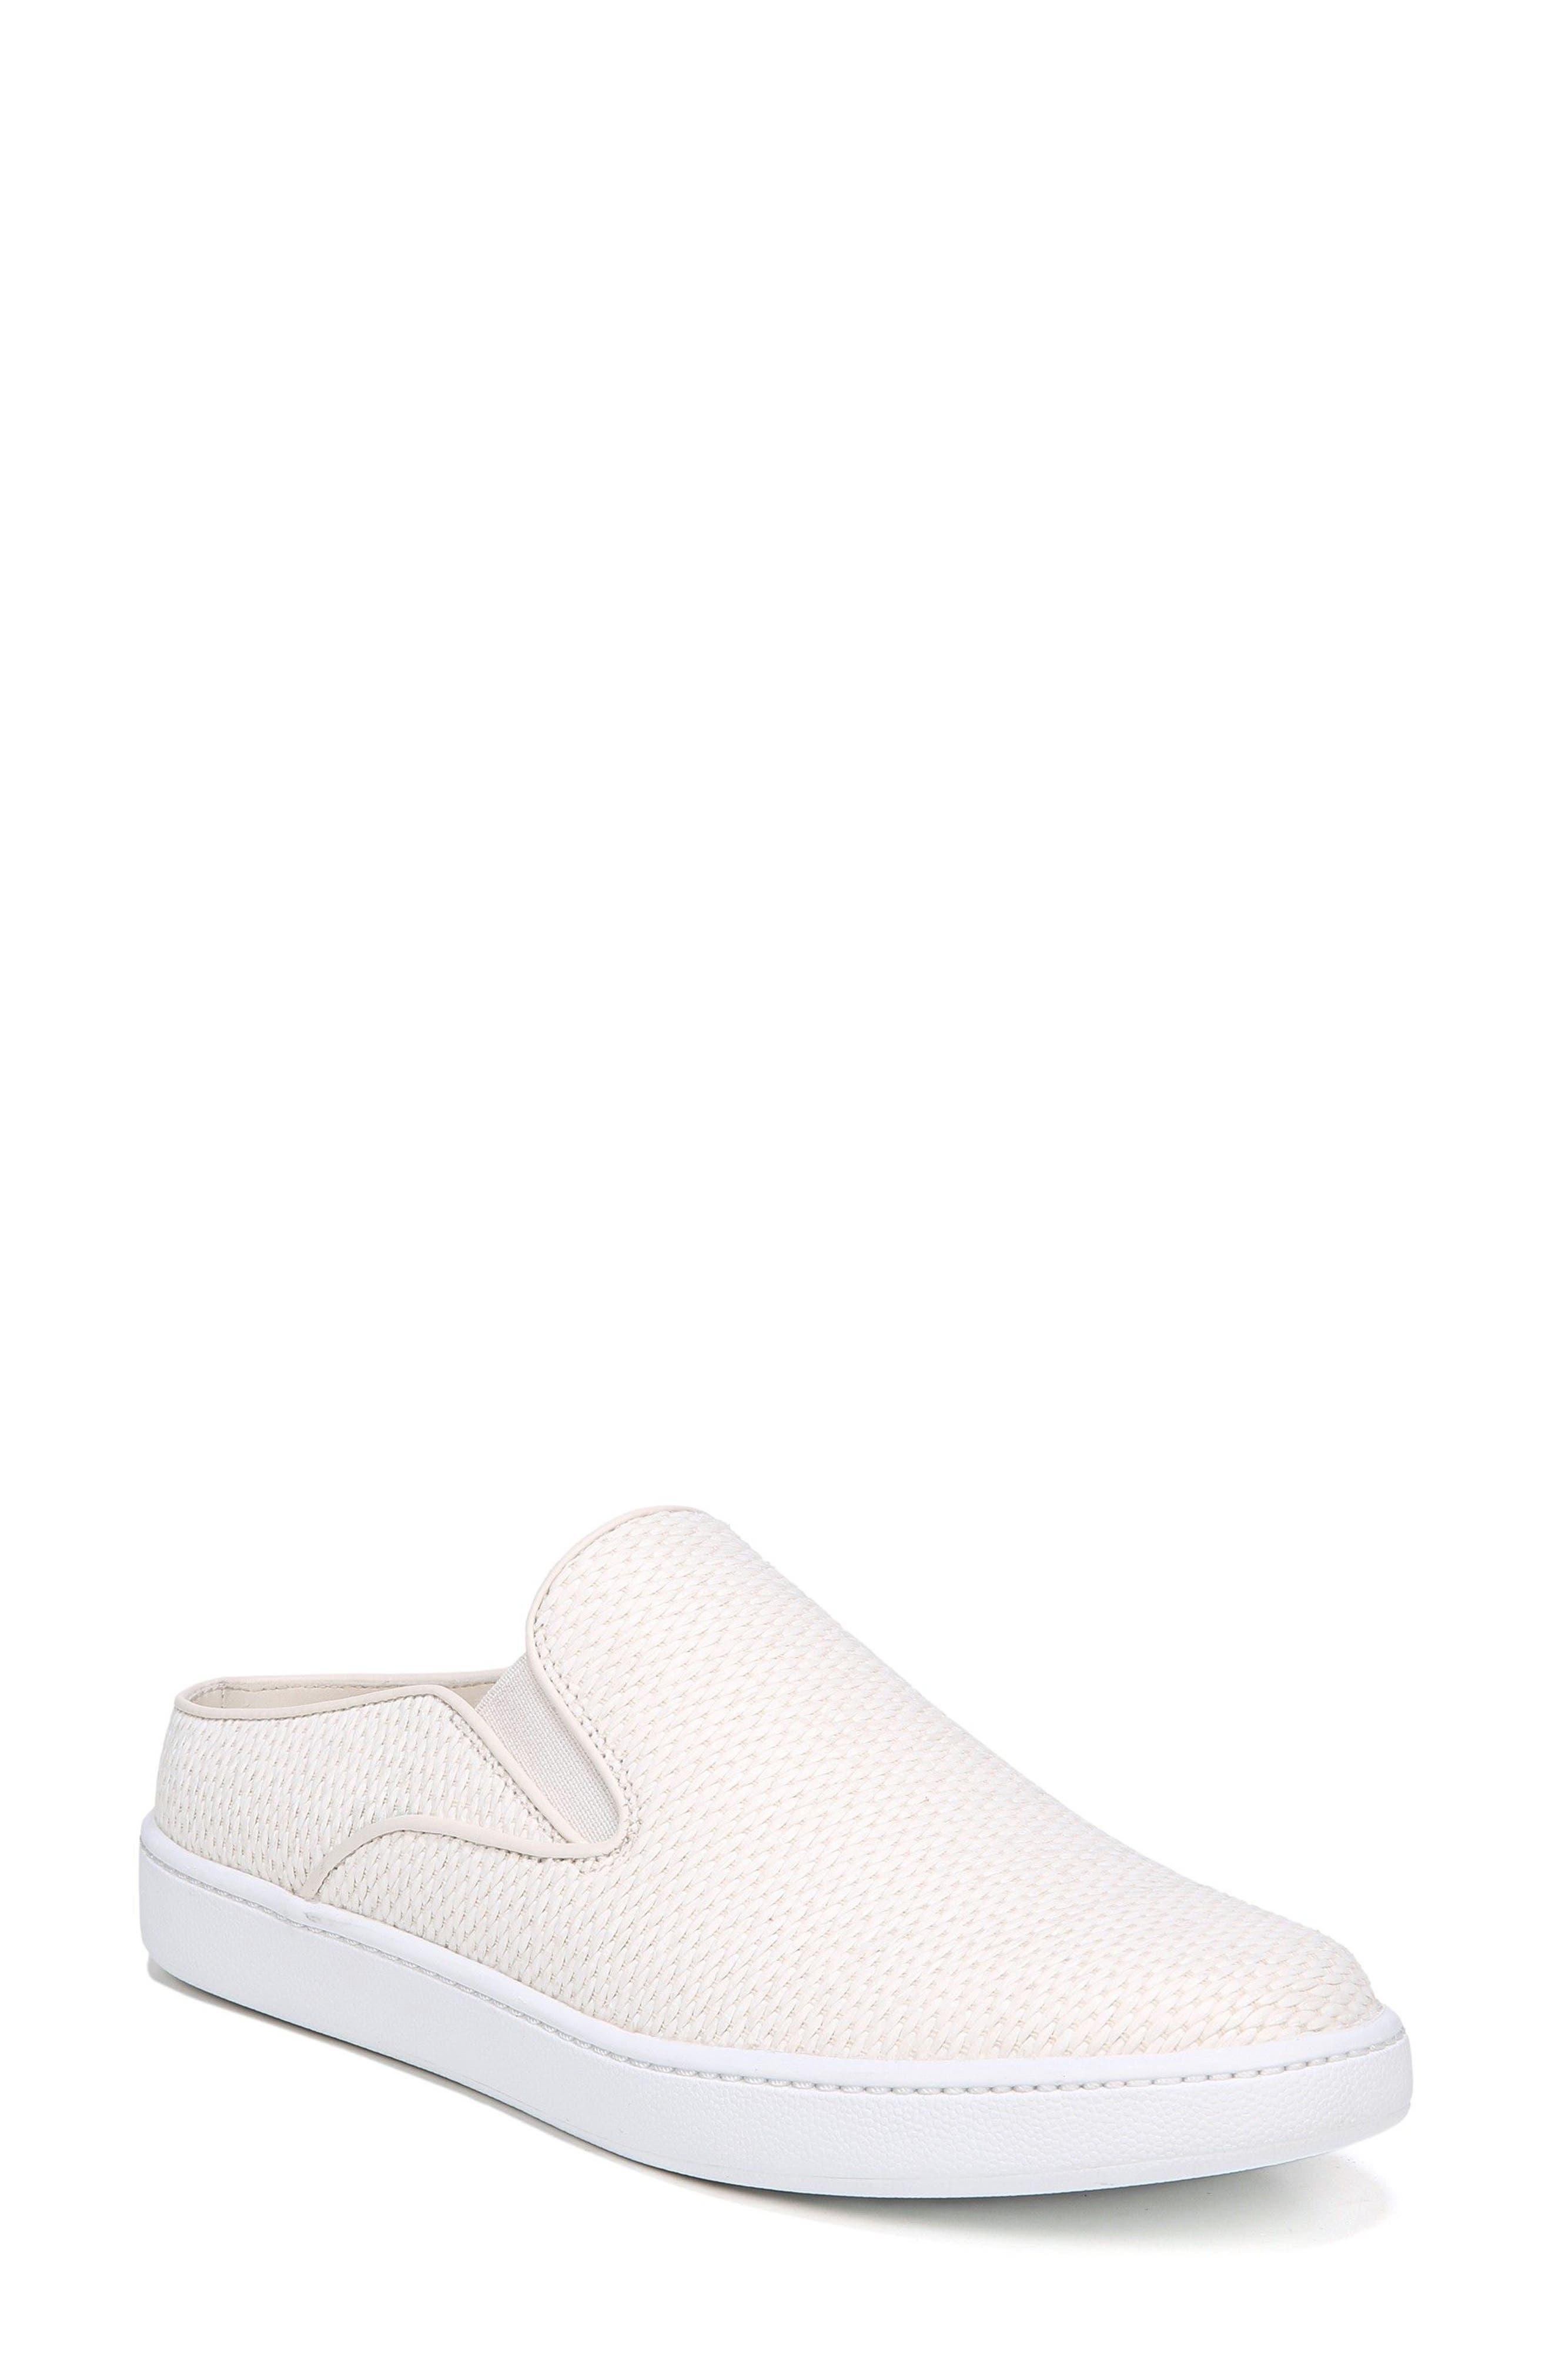 Verrell Slip-On Sneaker,                         Main,                         color, Offwhite